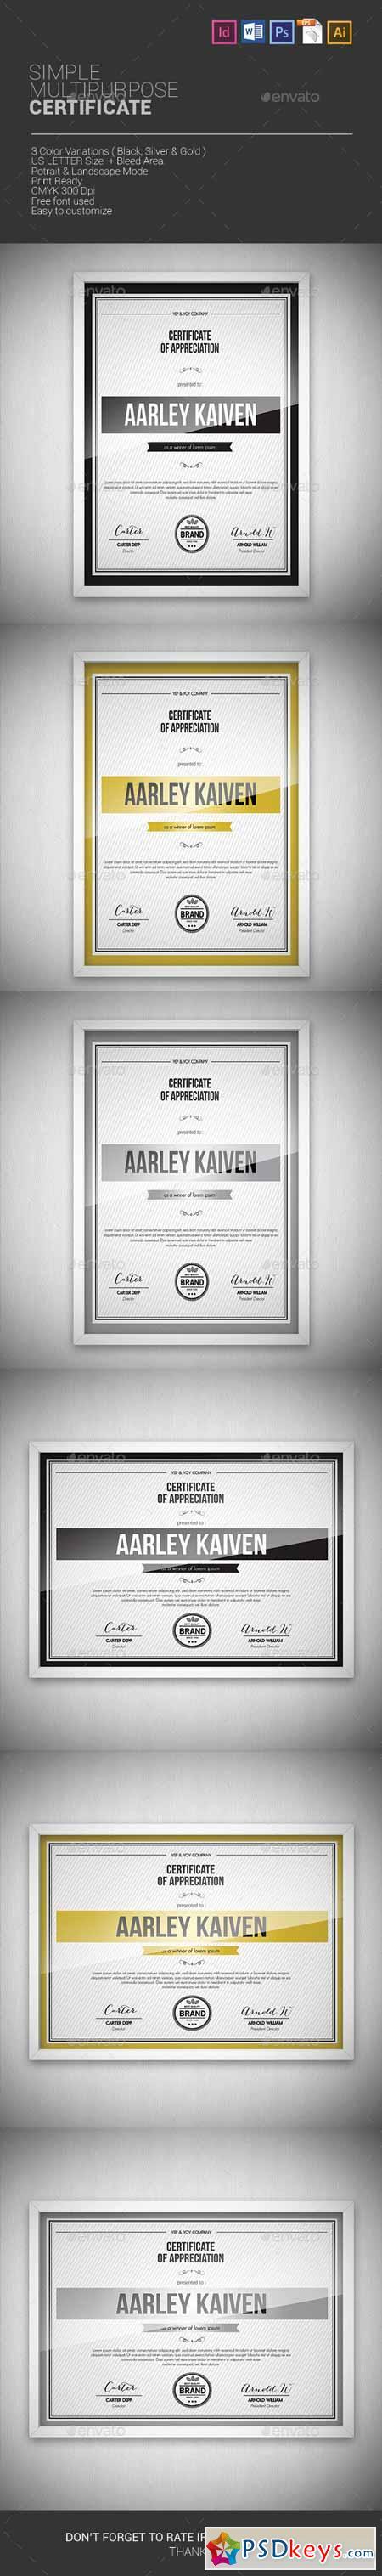 Simple Multipurpose Certificates 7172885